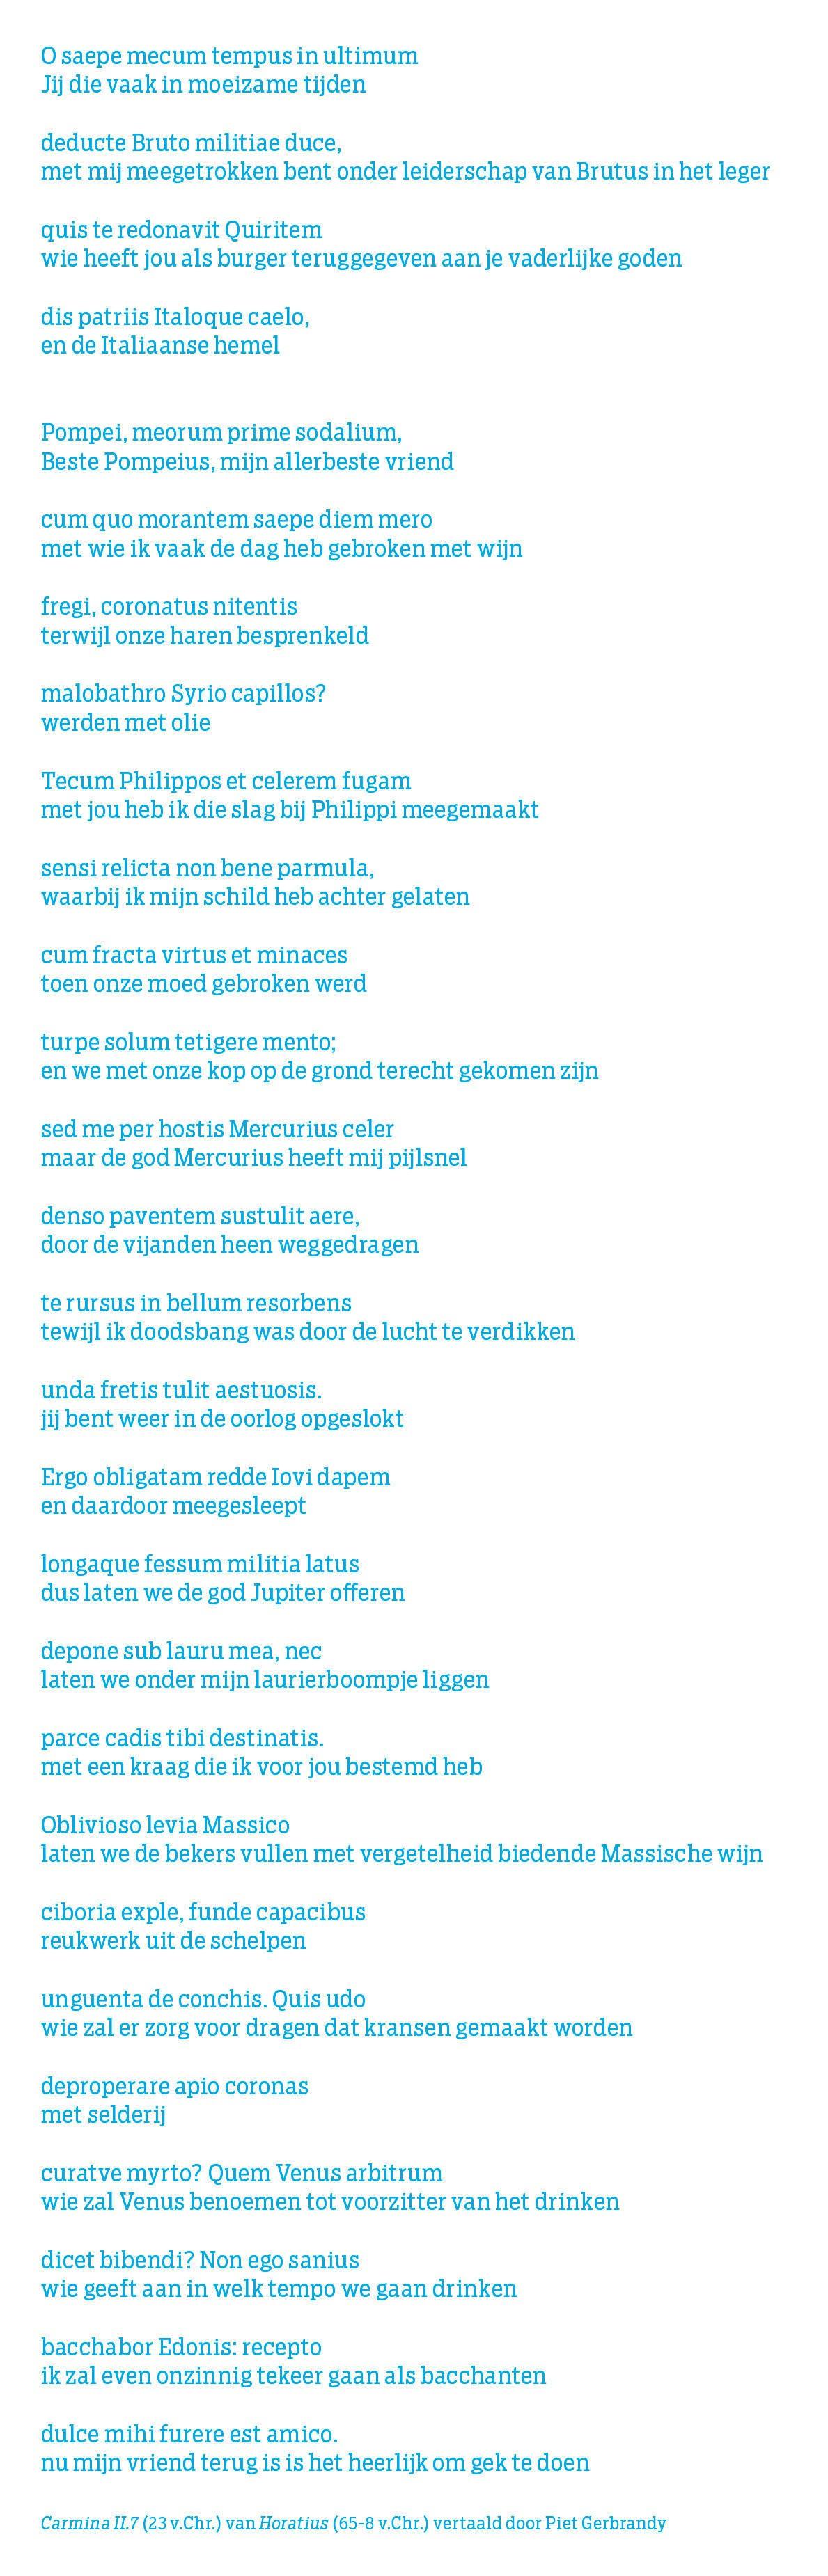 Verwonderend Tegen alles dat niet leuk is' – De Groene Amsterdammer JV-92